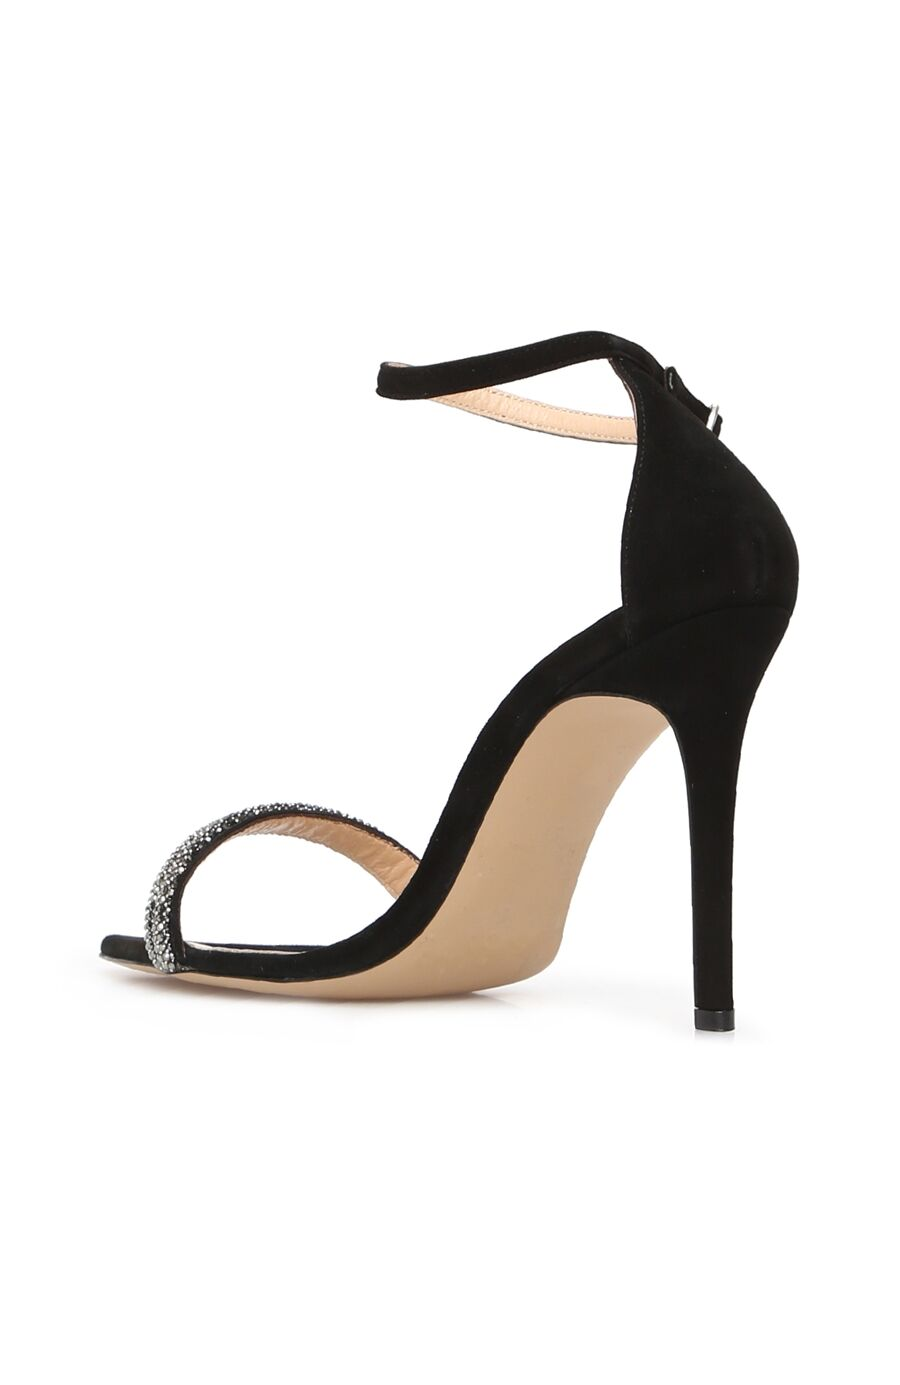 DCEY x Divarese Arissa Kadın Siyah Süet Sandalet